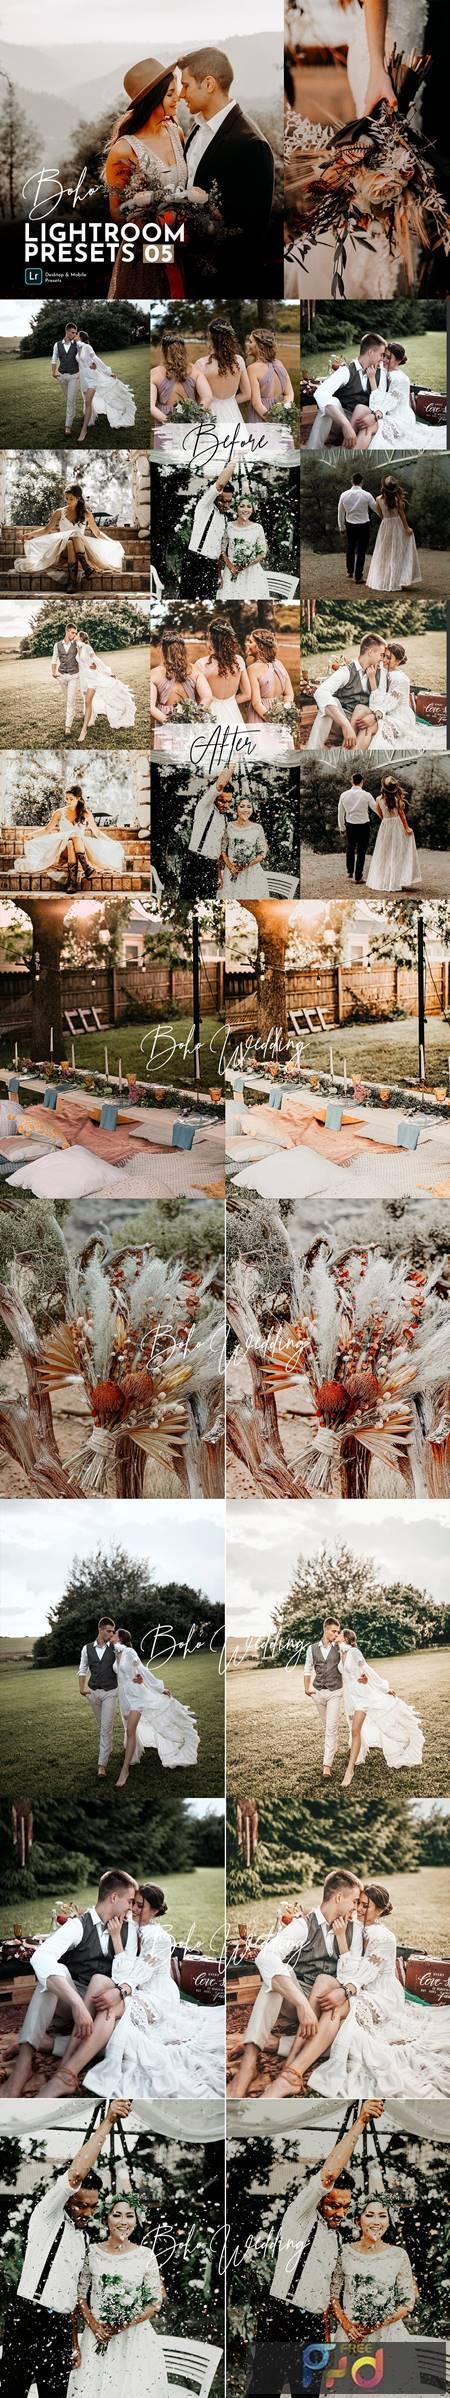 Boho Wedding Lightroom Presets Pack 5463743 1